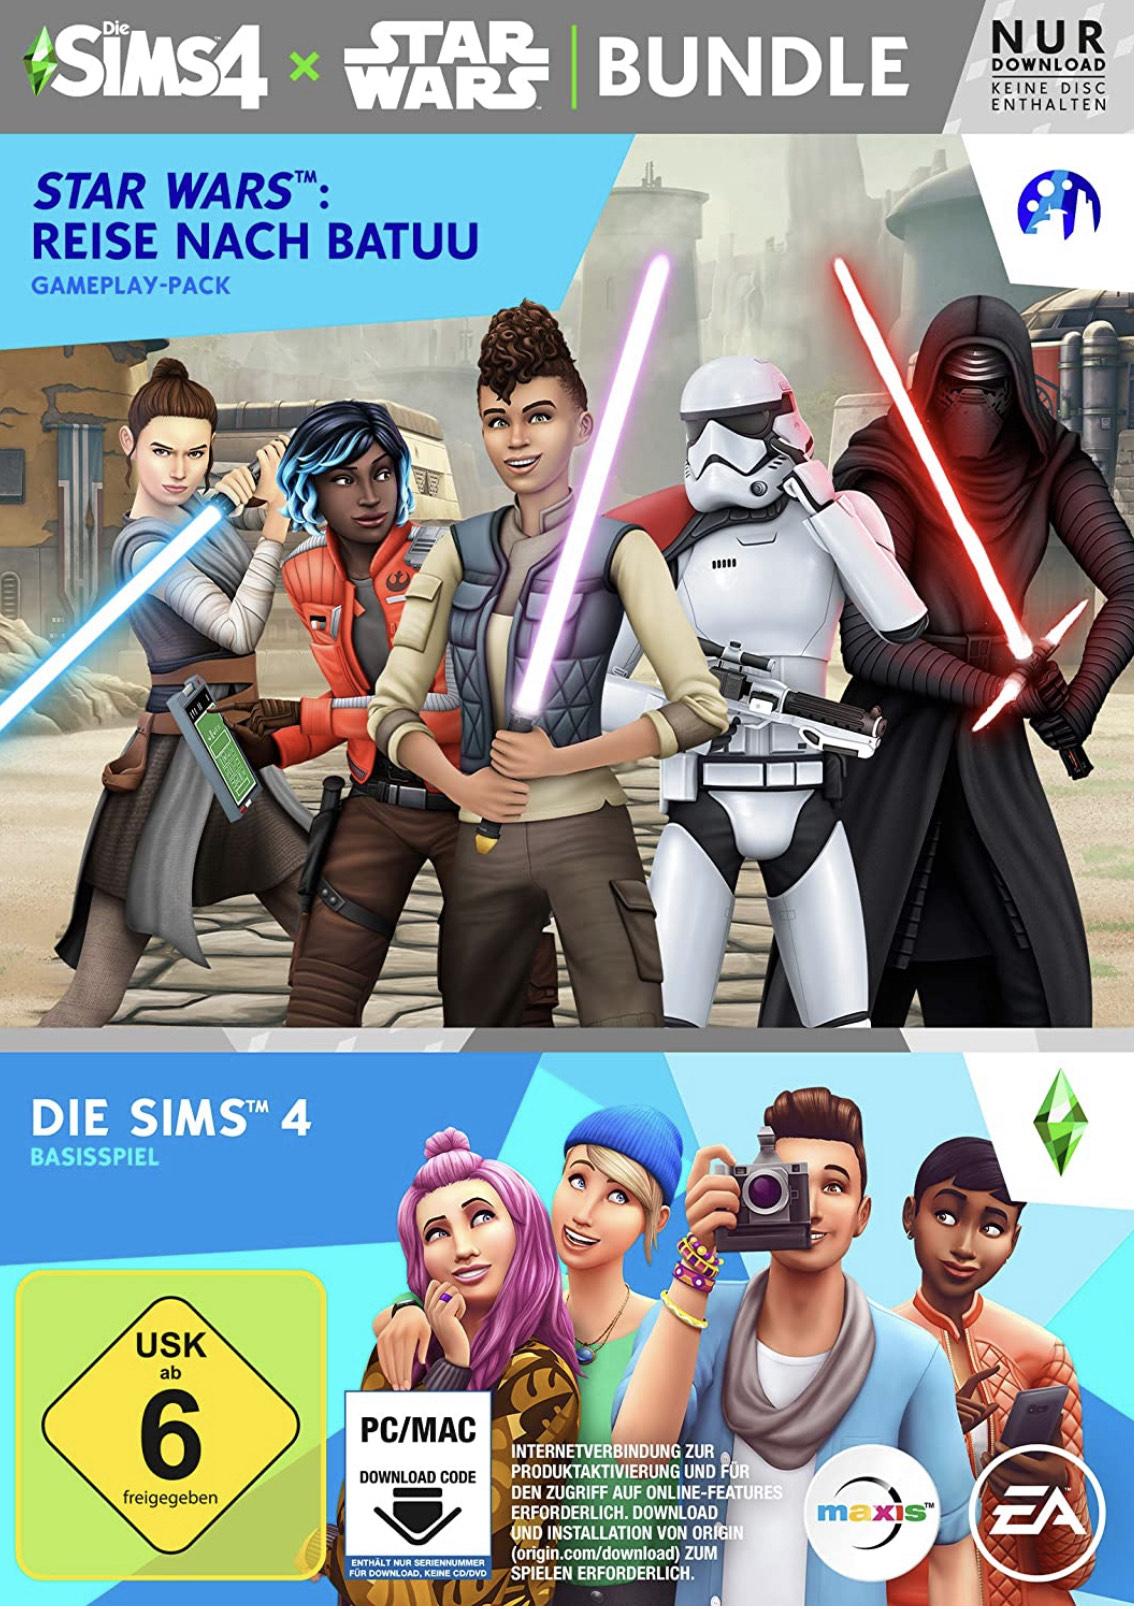 Die Sims 4: Star Wars - Reise nach Batuu-Bundle für Pc, Ps4 oder Xbox